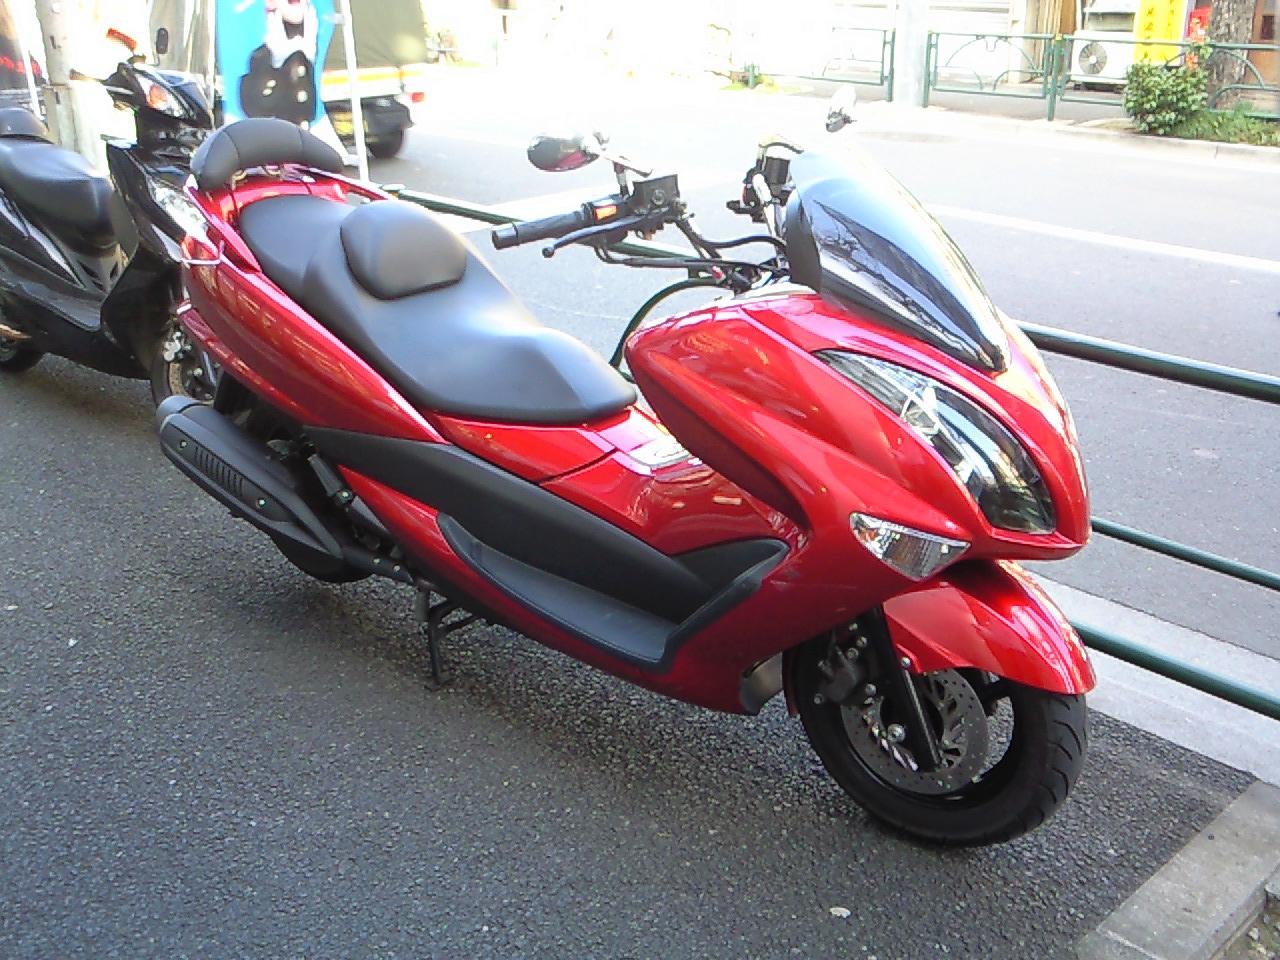 Yamaha Scooter Cc Price